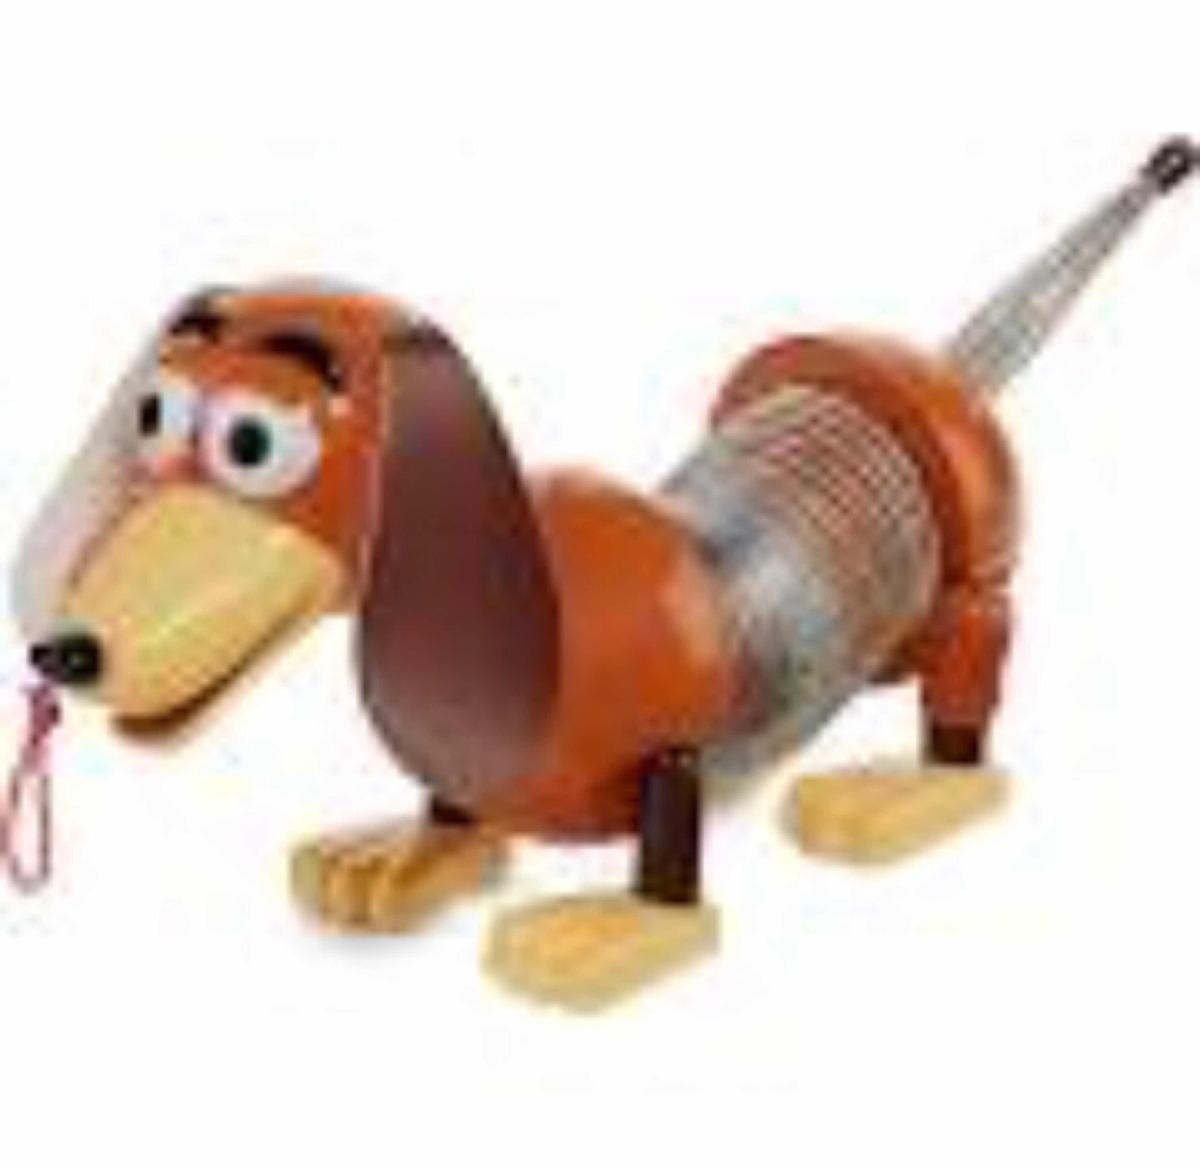 Toy Story Slinky Dog Disney Habla 20 Frases -   899.00 en Mercado Libre 29dea2c6659